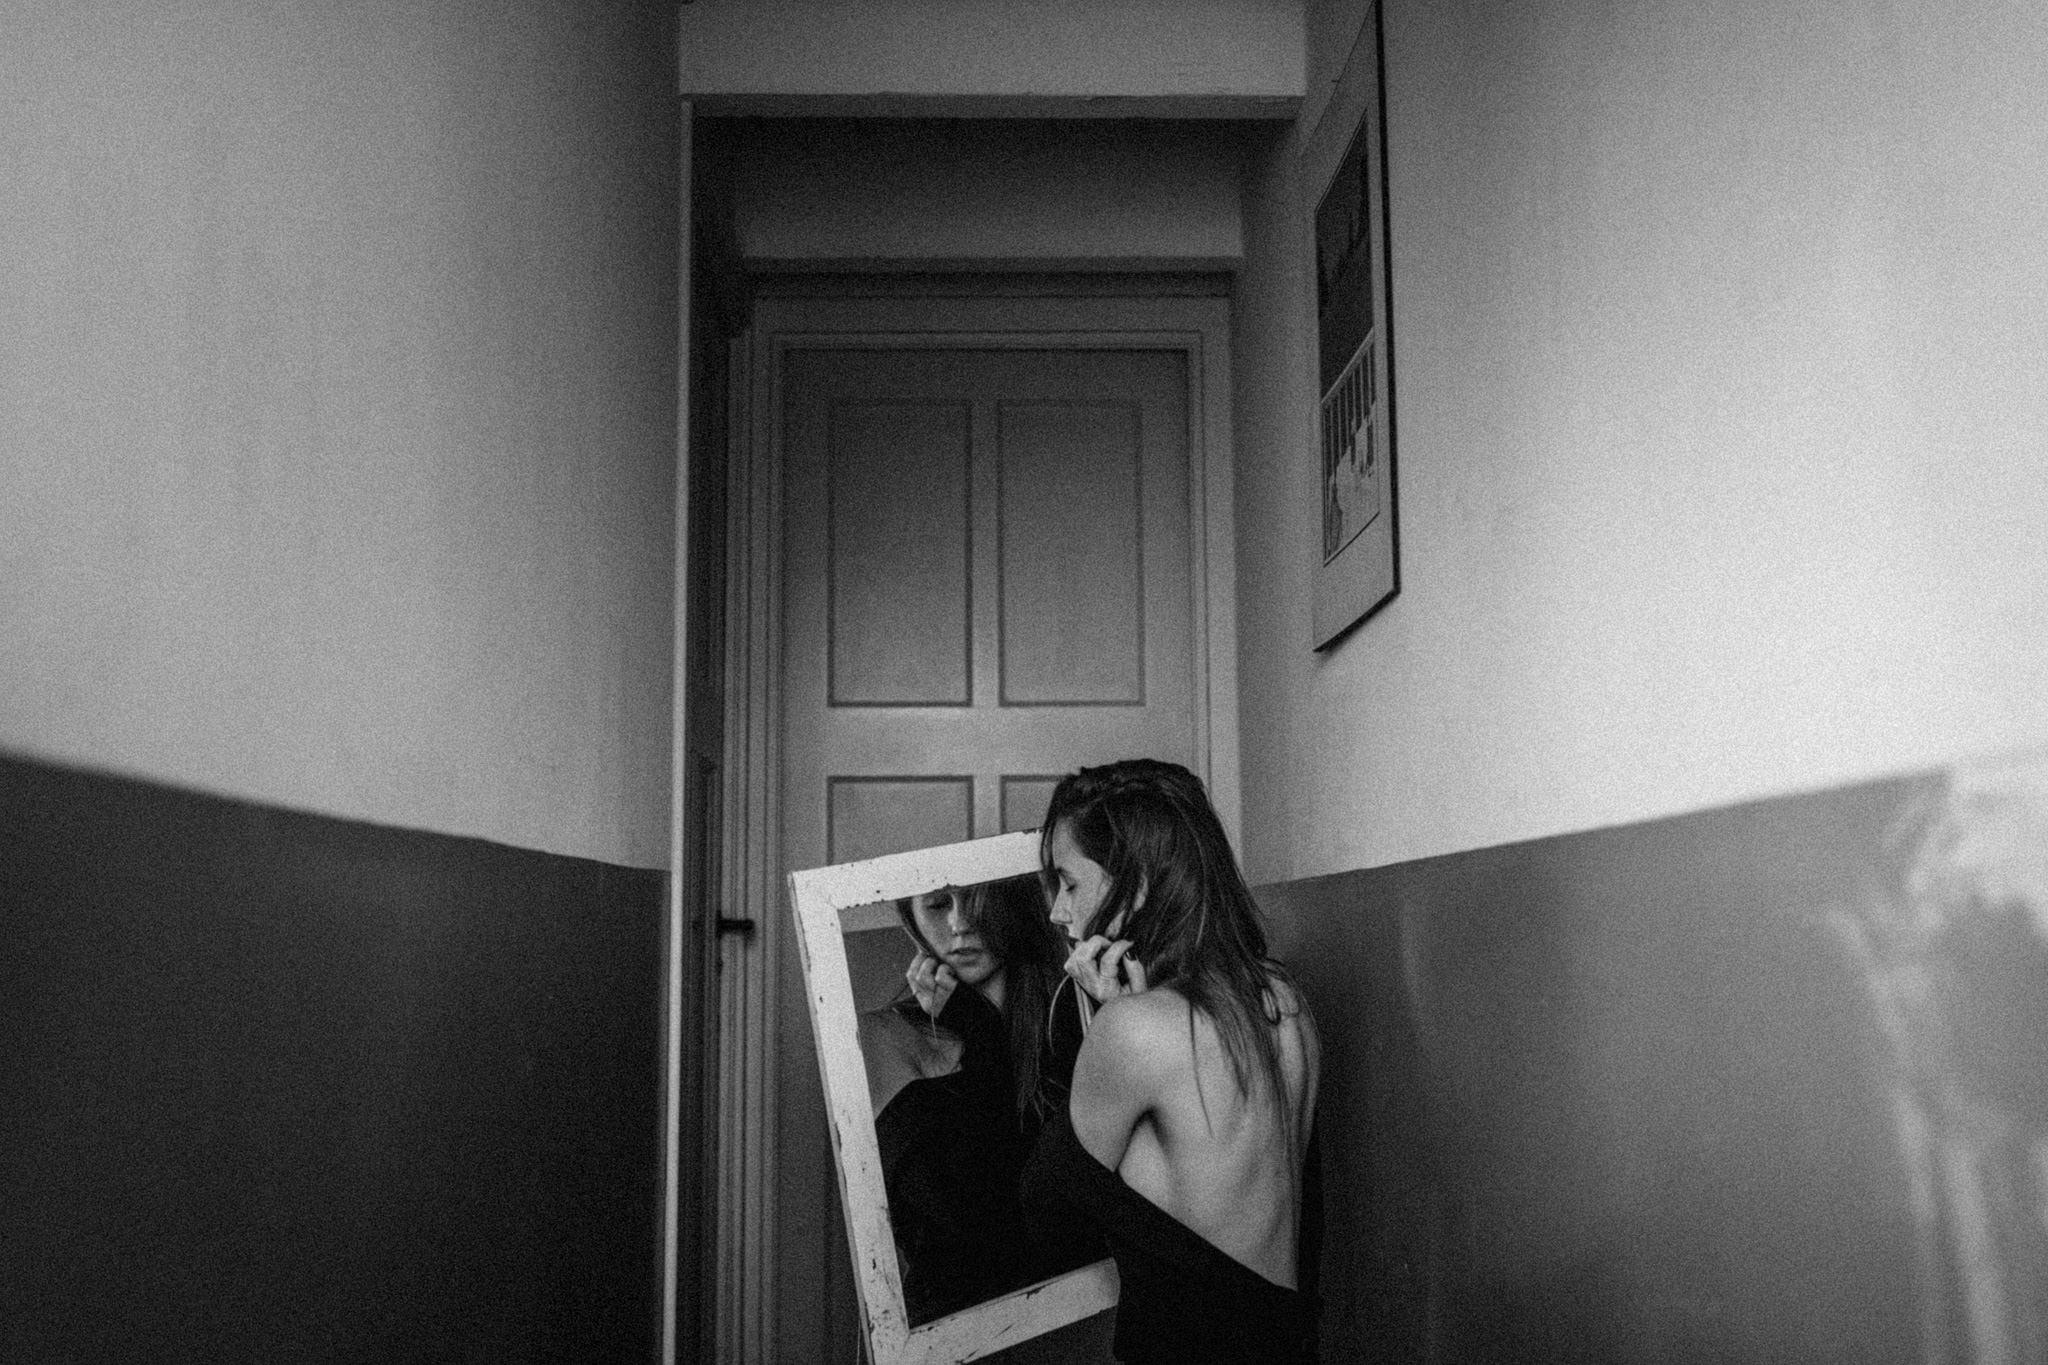 Girl holding mirror in front of door